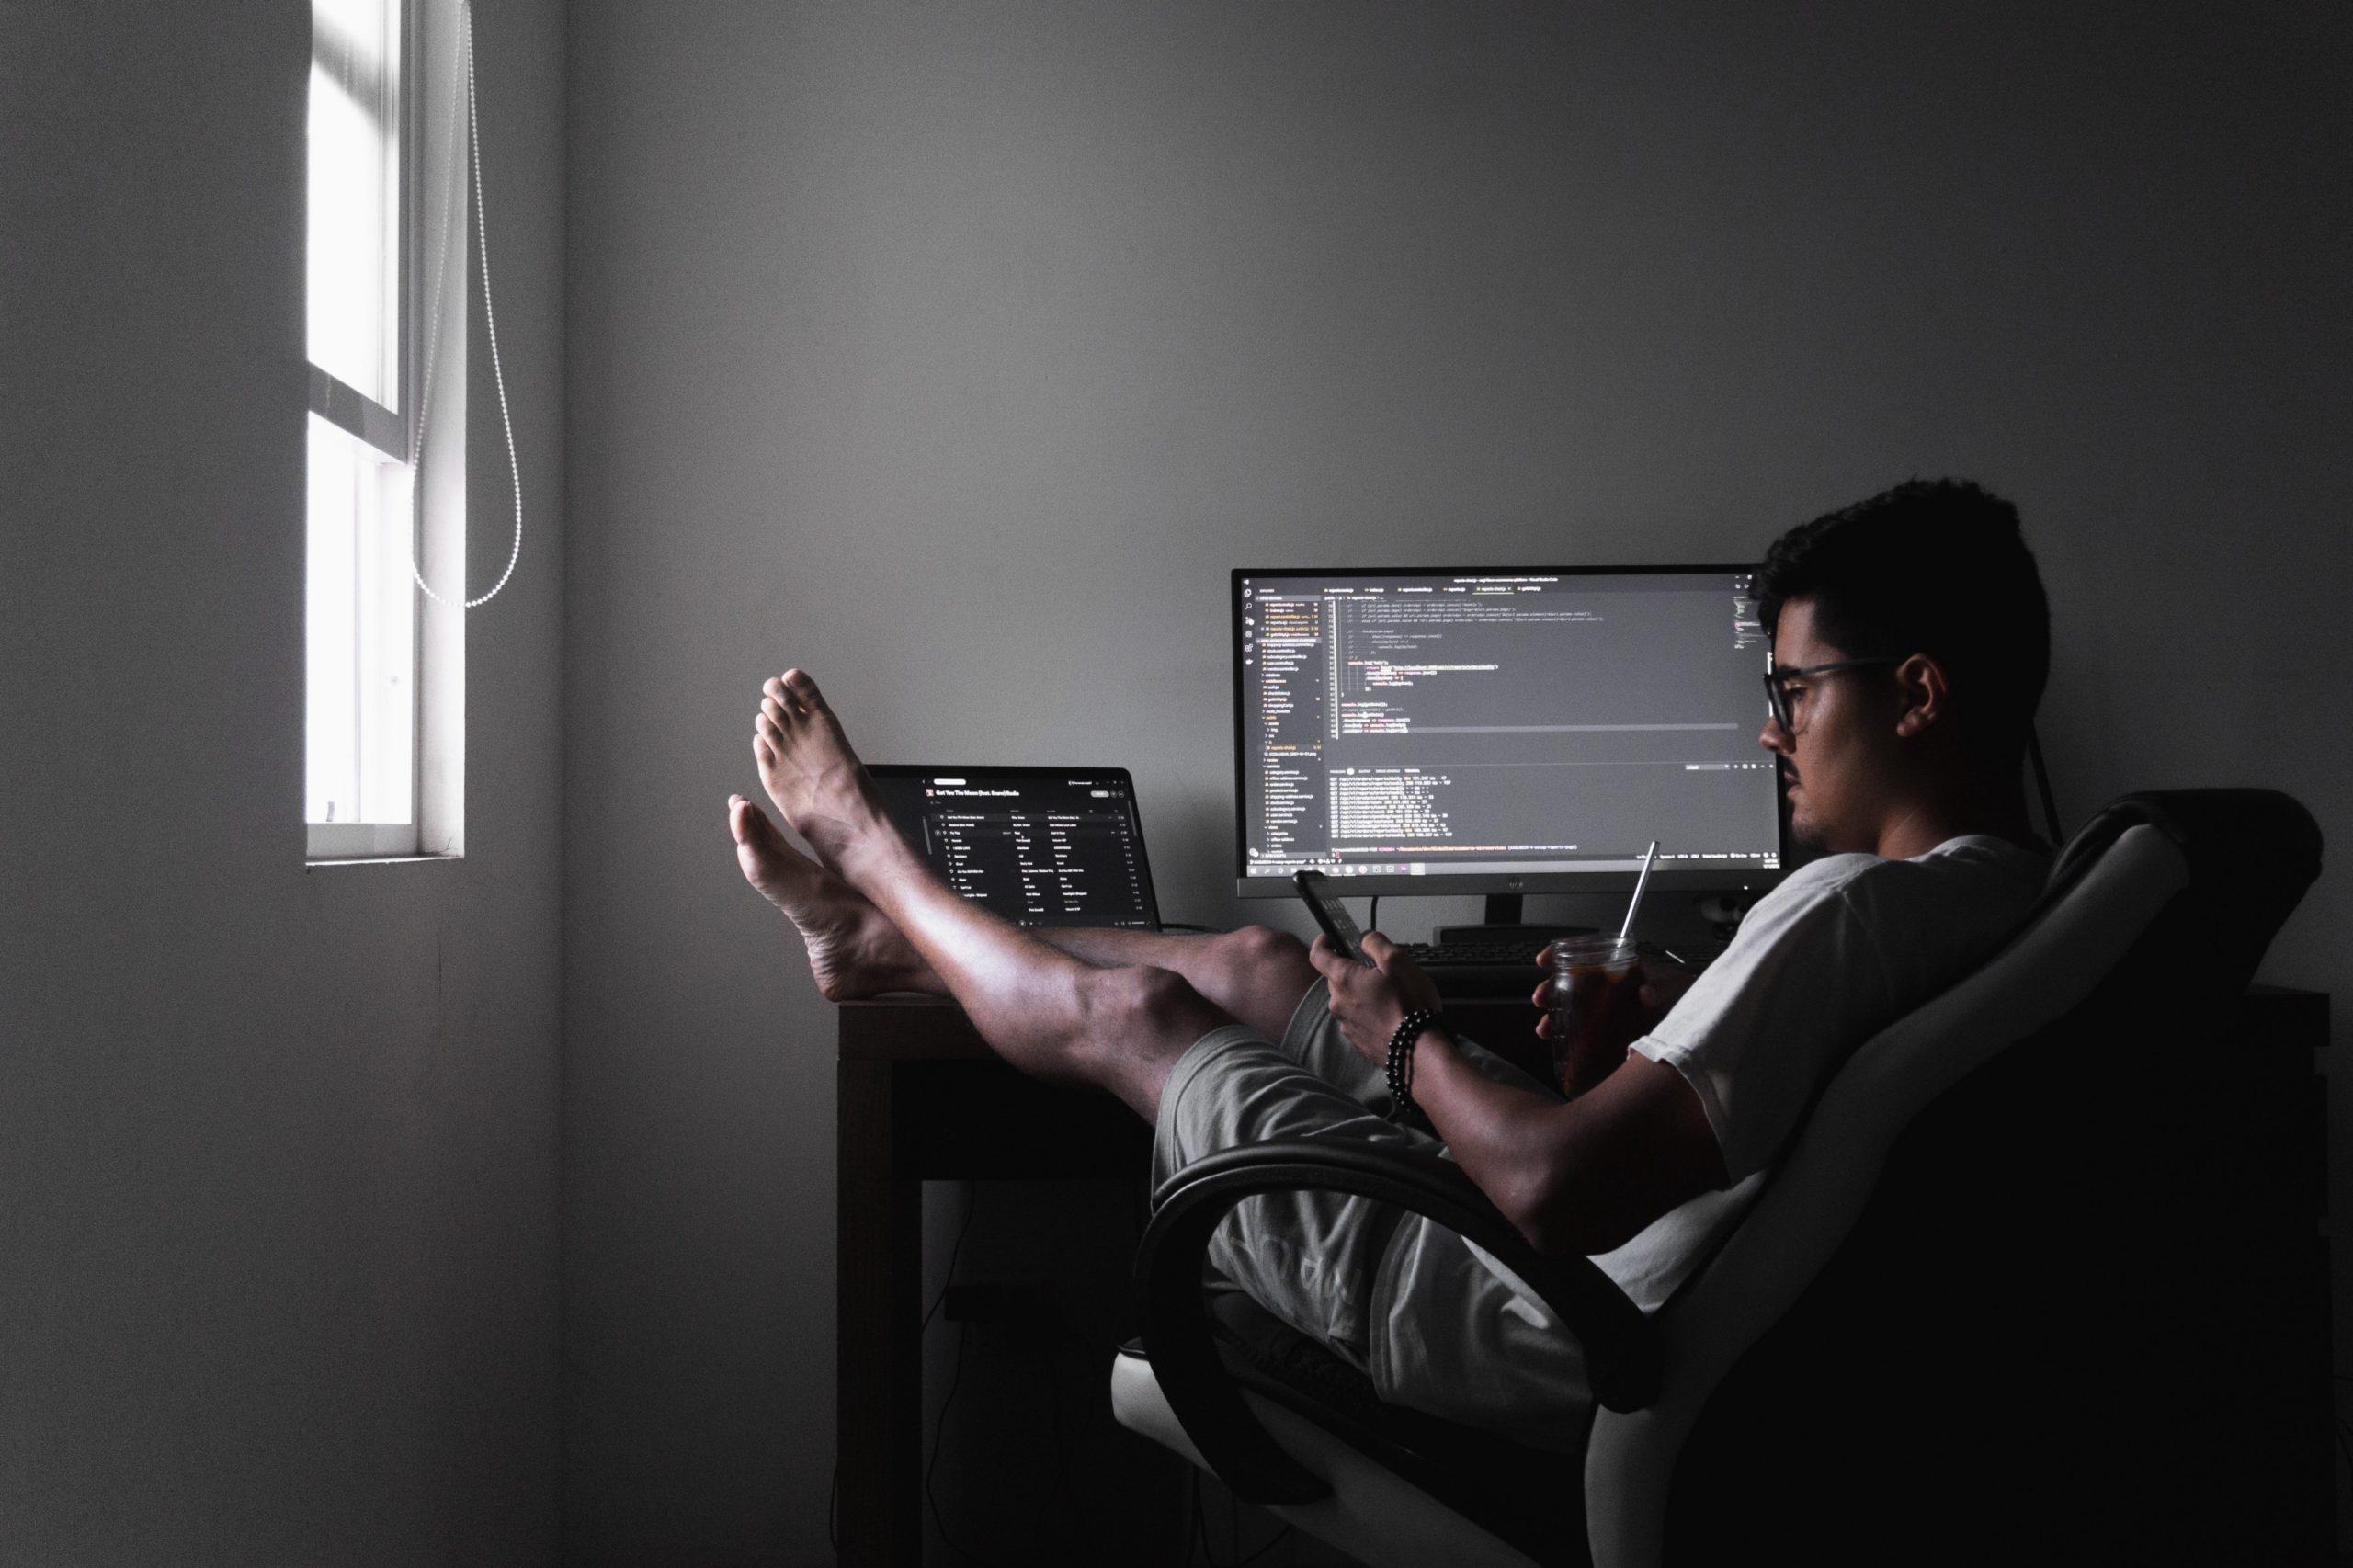 นักพัฒนาซอฟต์แวร์